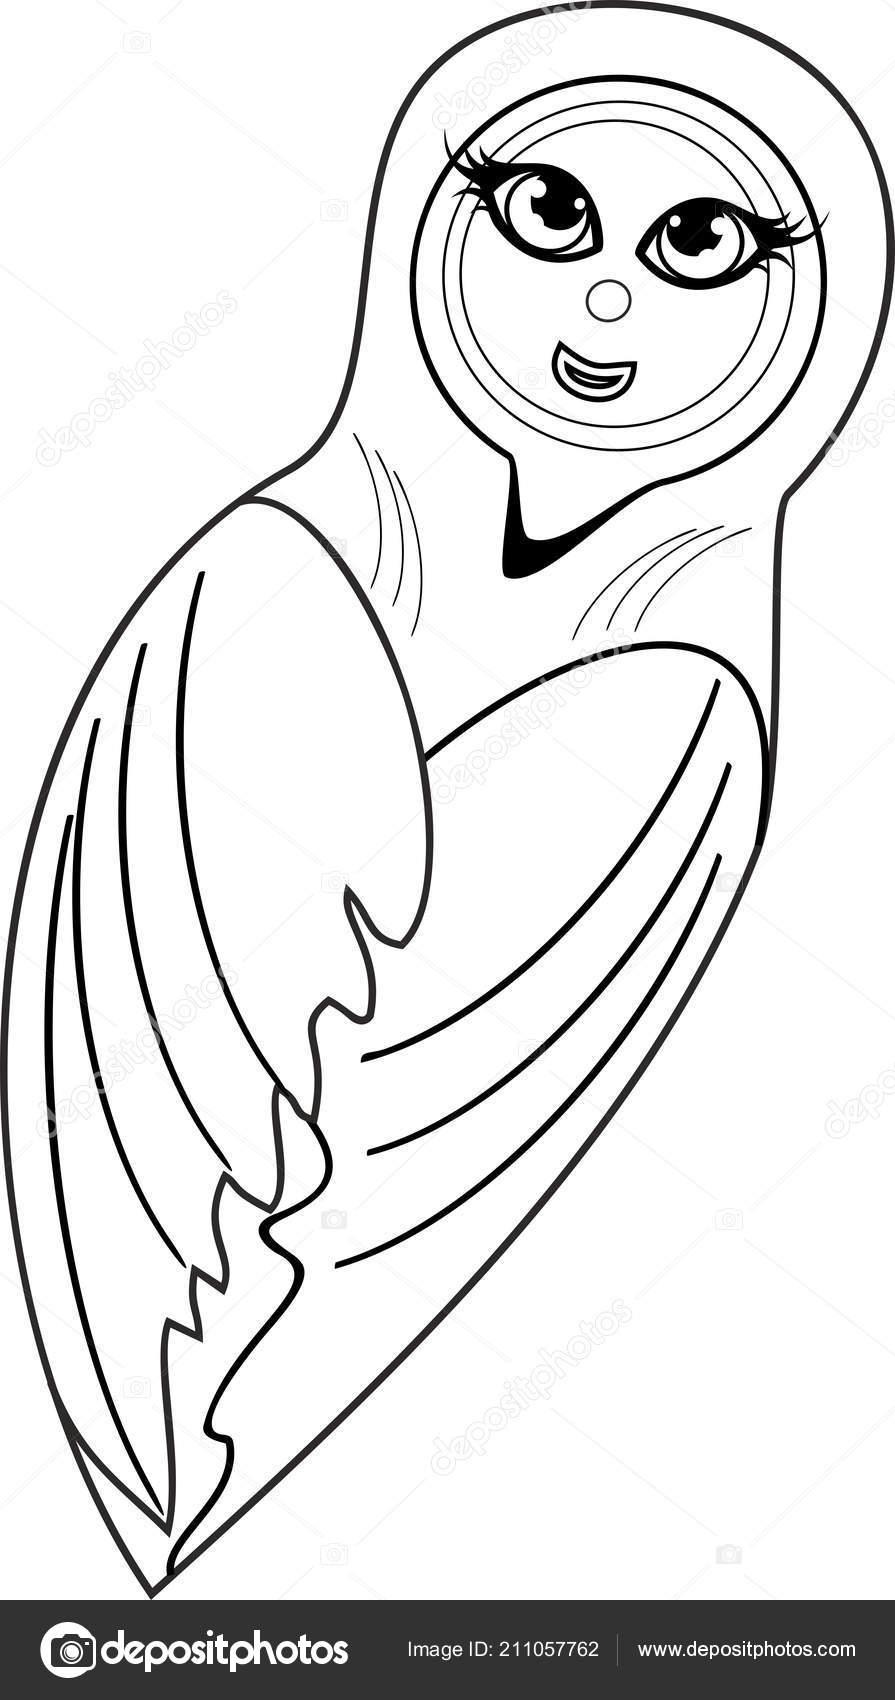 Página Para Colorear Pupa Dibujos Animados Lindo Mariposa Archivo